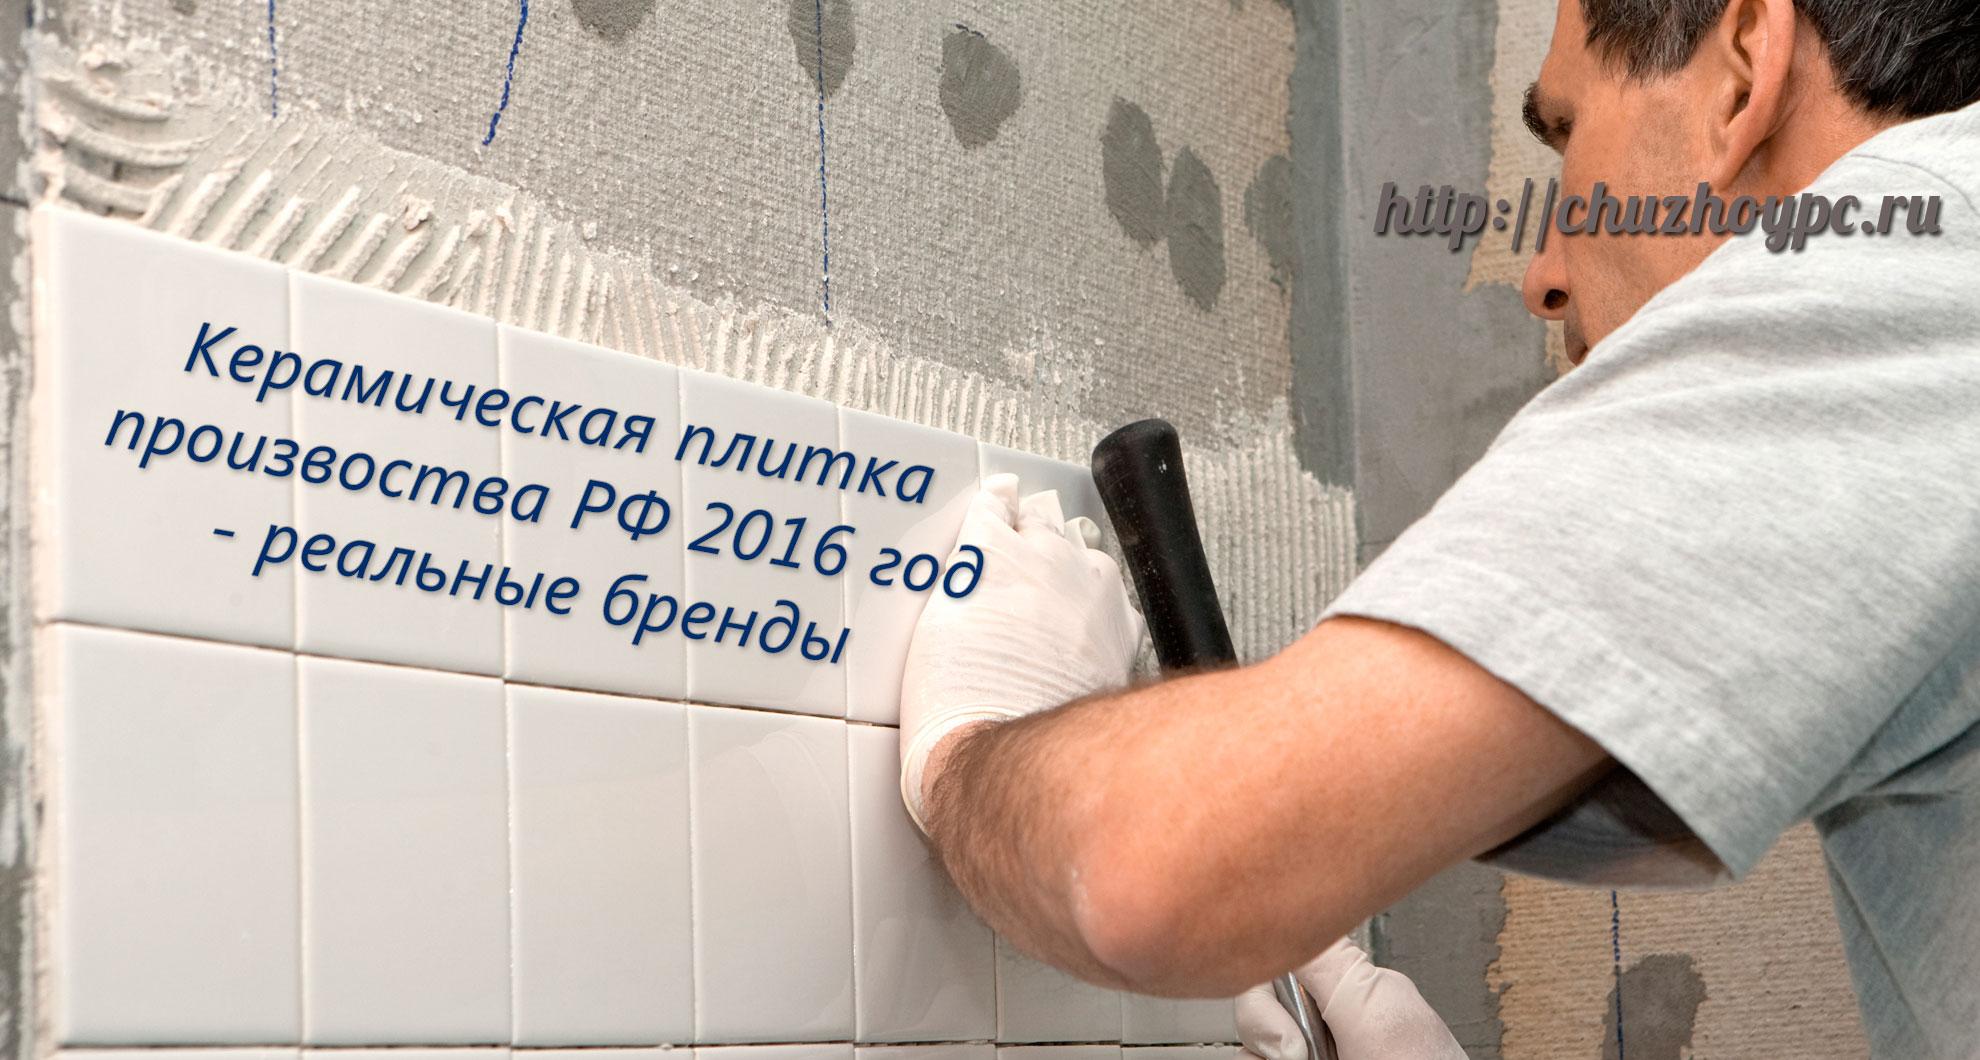 Бренды керамической плитки РФ